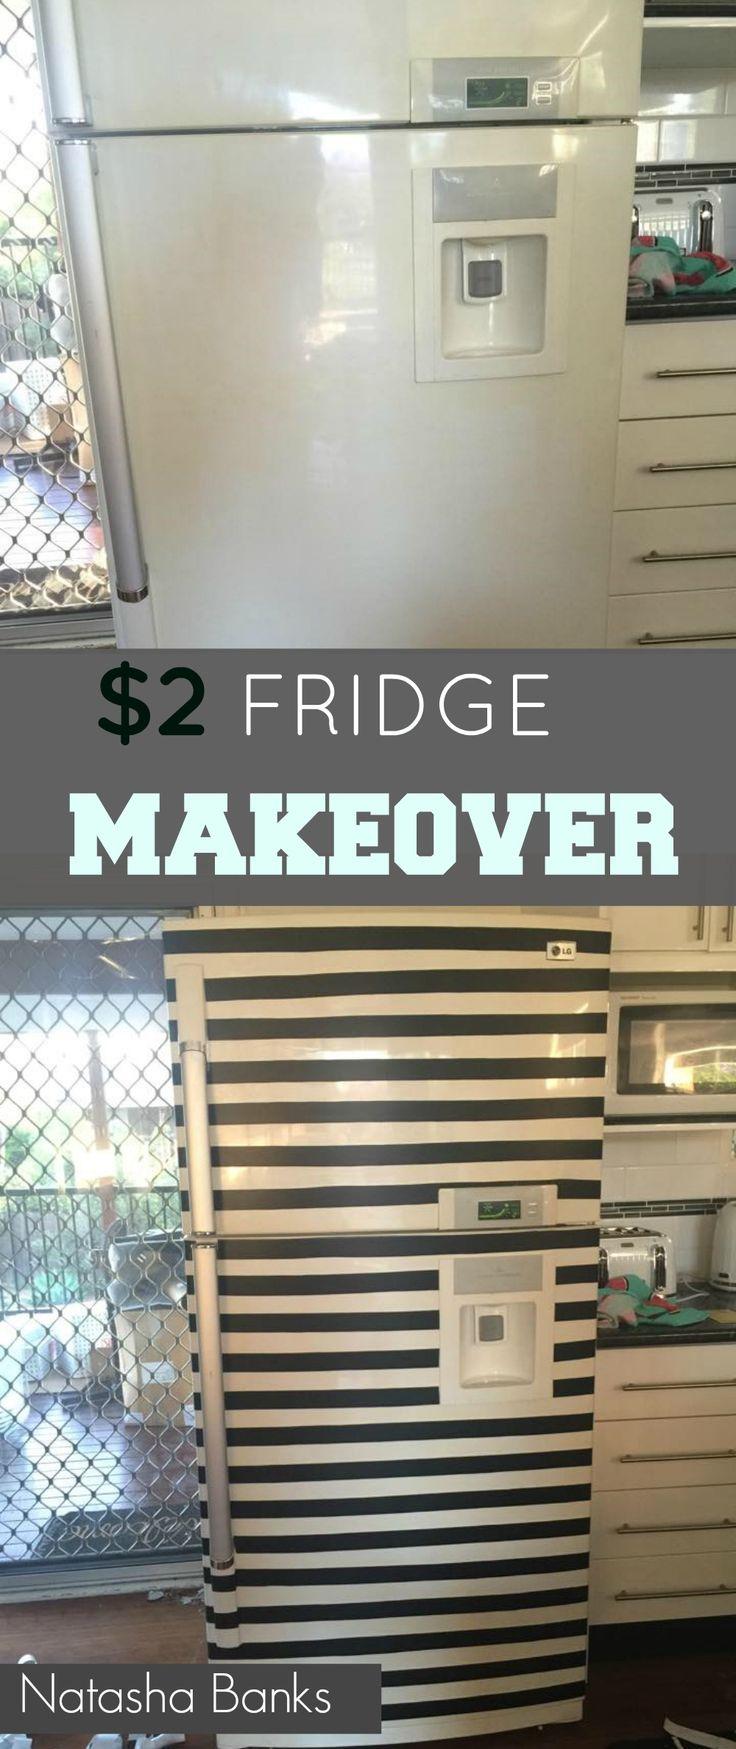 NATASHA'S $2 FRIDGE MAKEOVER | Grillo Designs